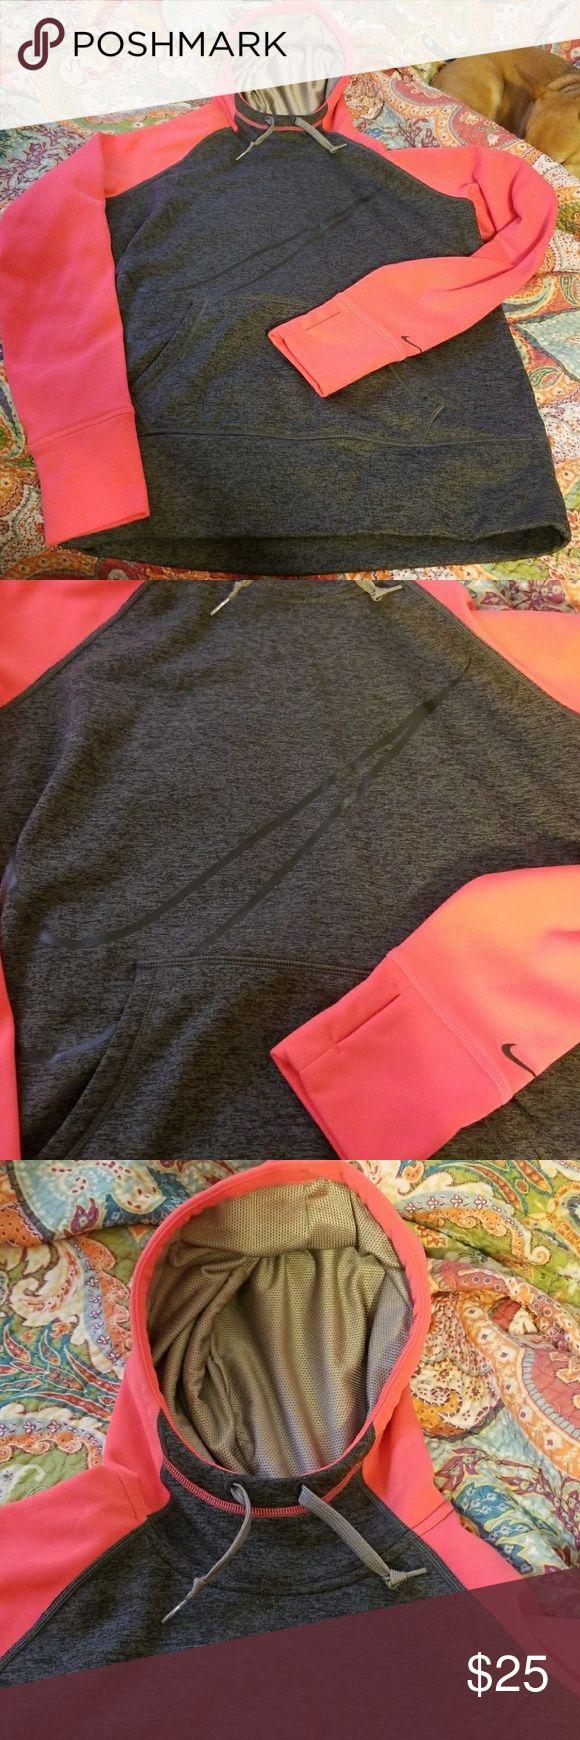 Pink & grey nike hoodie Super cute nike hoodie pink & grey size large Nike Tops Sweatshirts & Hoodies